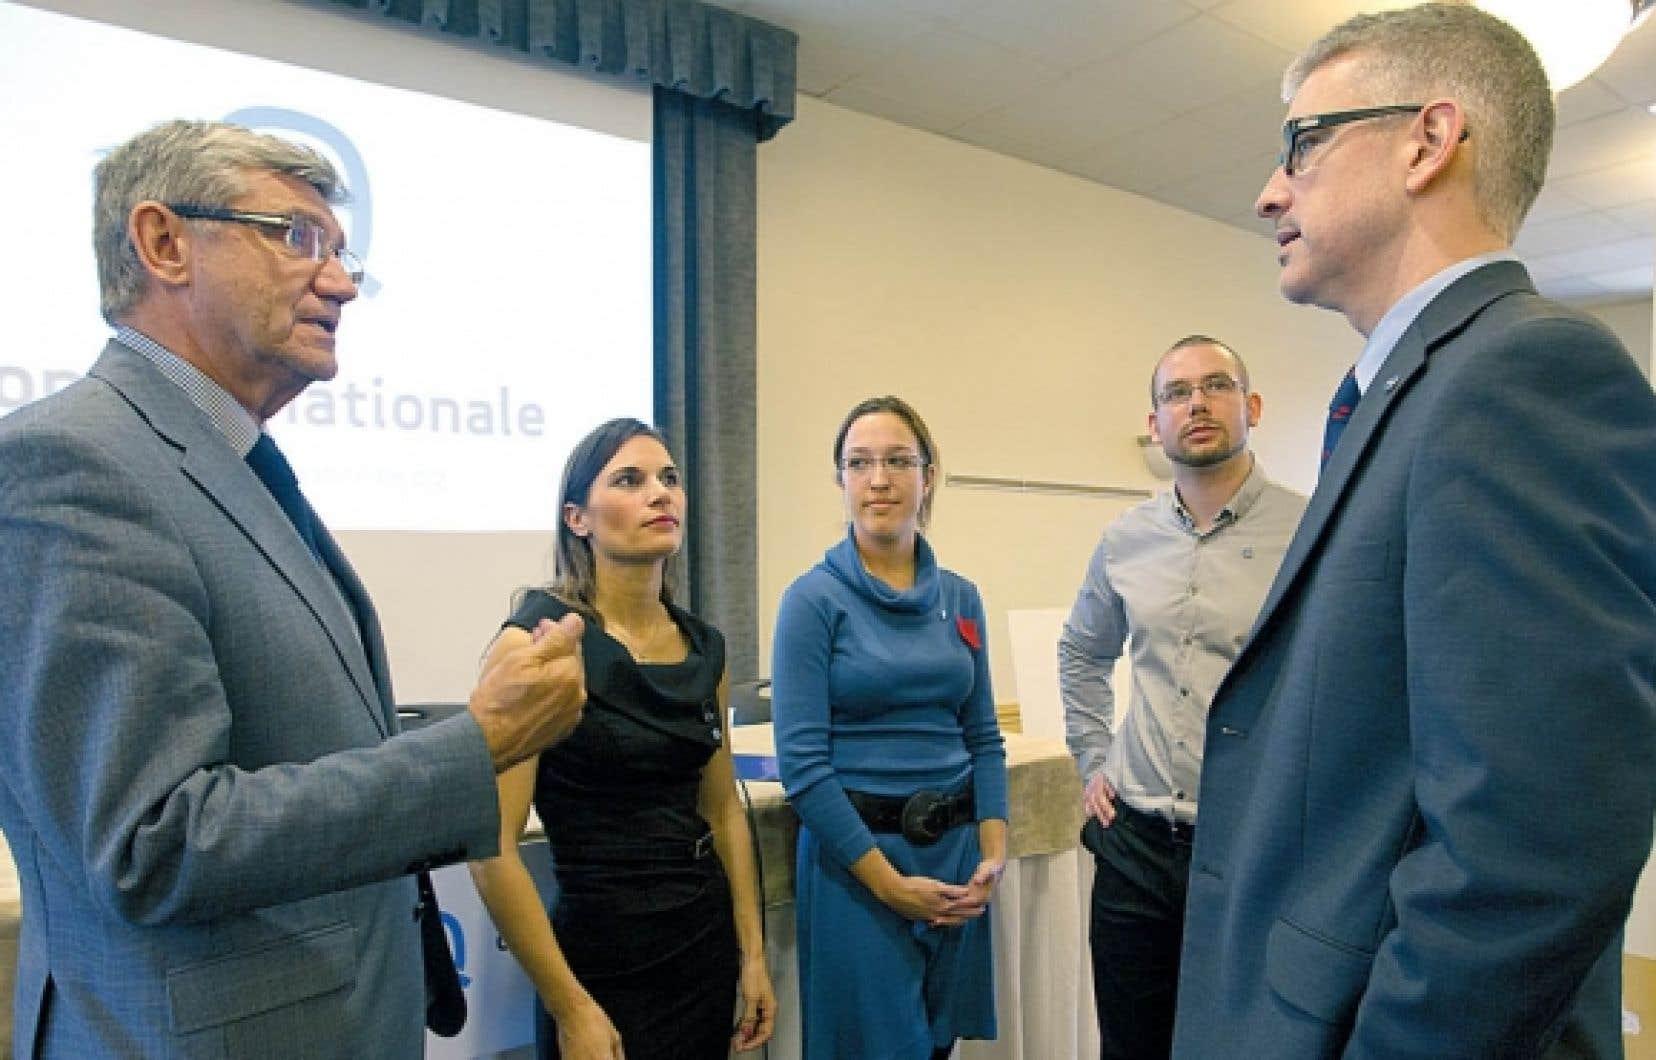 Denis Monière, Samuelle Ducrocq-Henry, Évelyne Beaudin et Yanek Lauzière-Fillion, en compagnie du chef d'Option nationale, Jean-Martin Aussant.